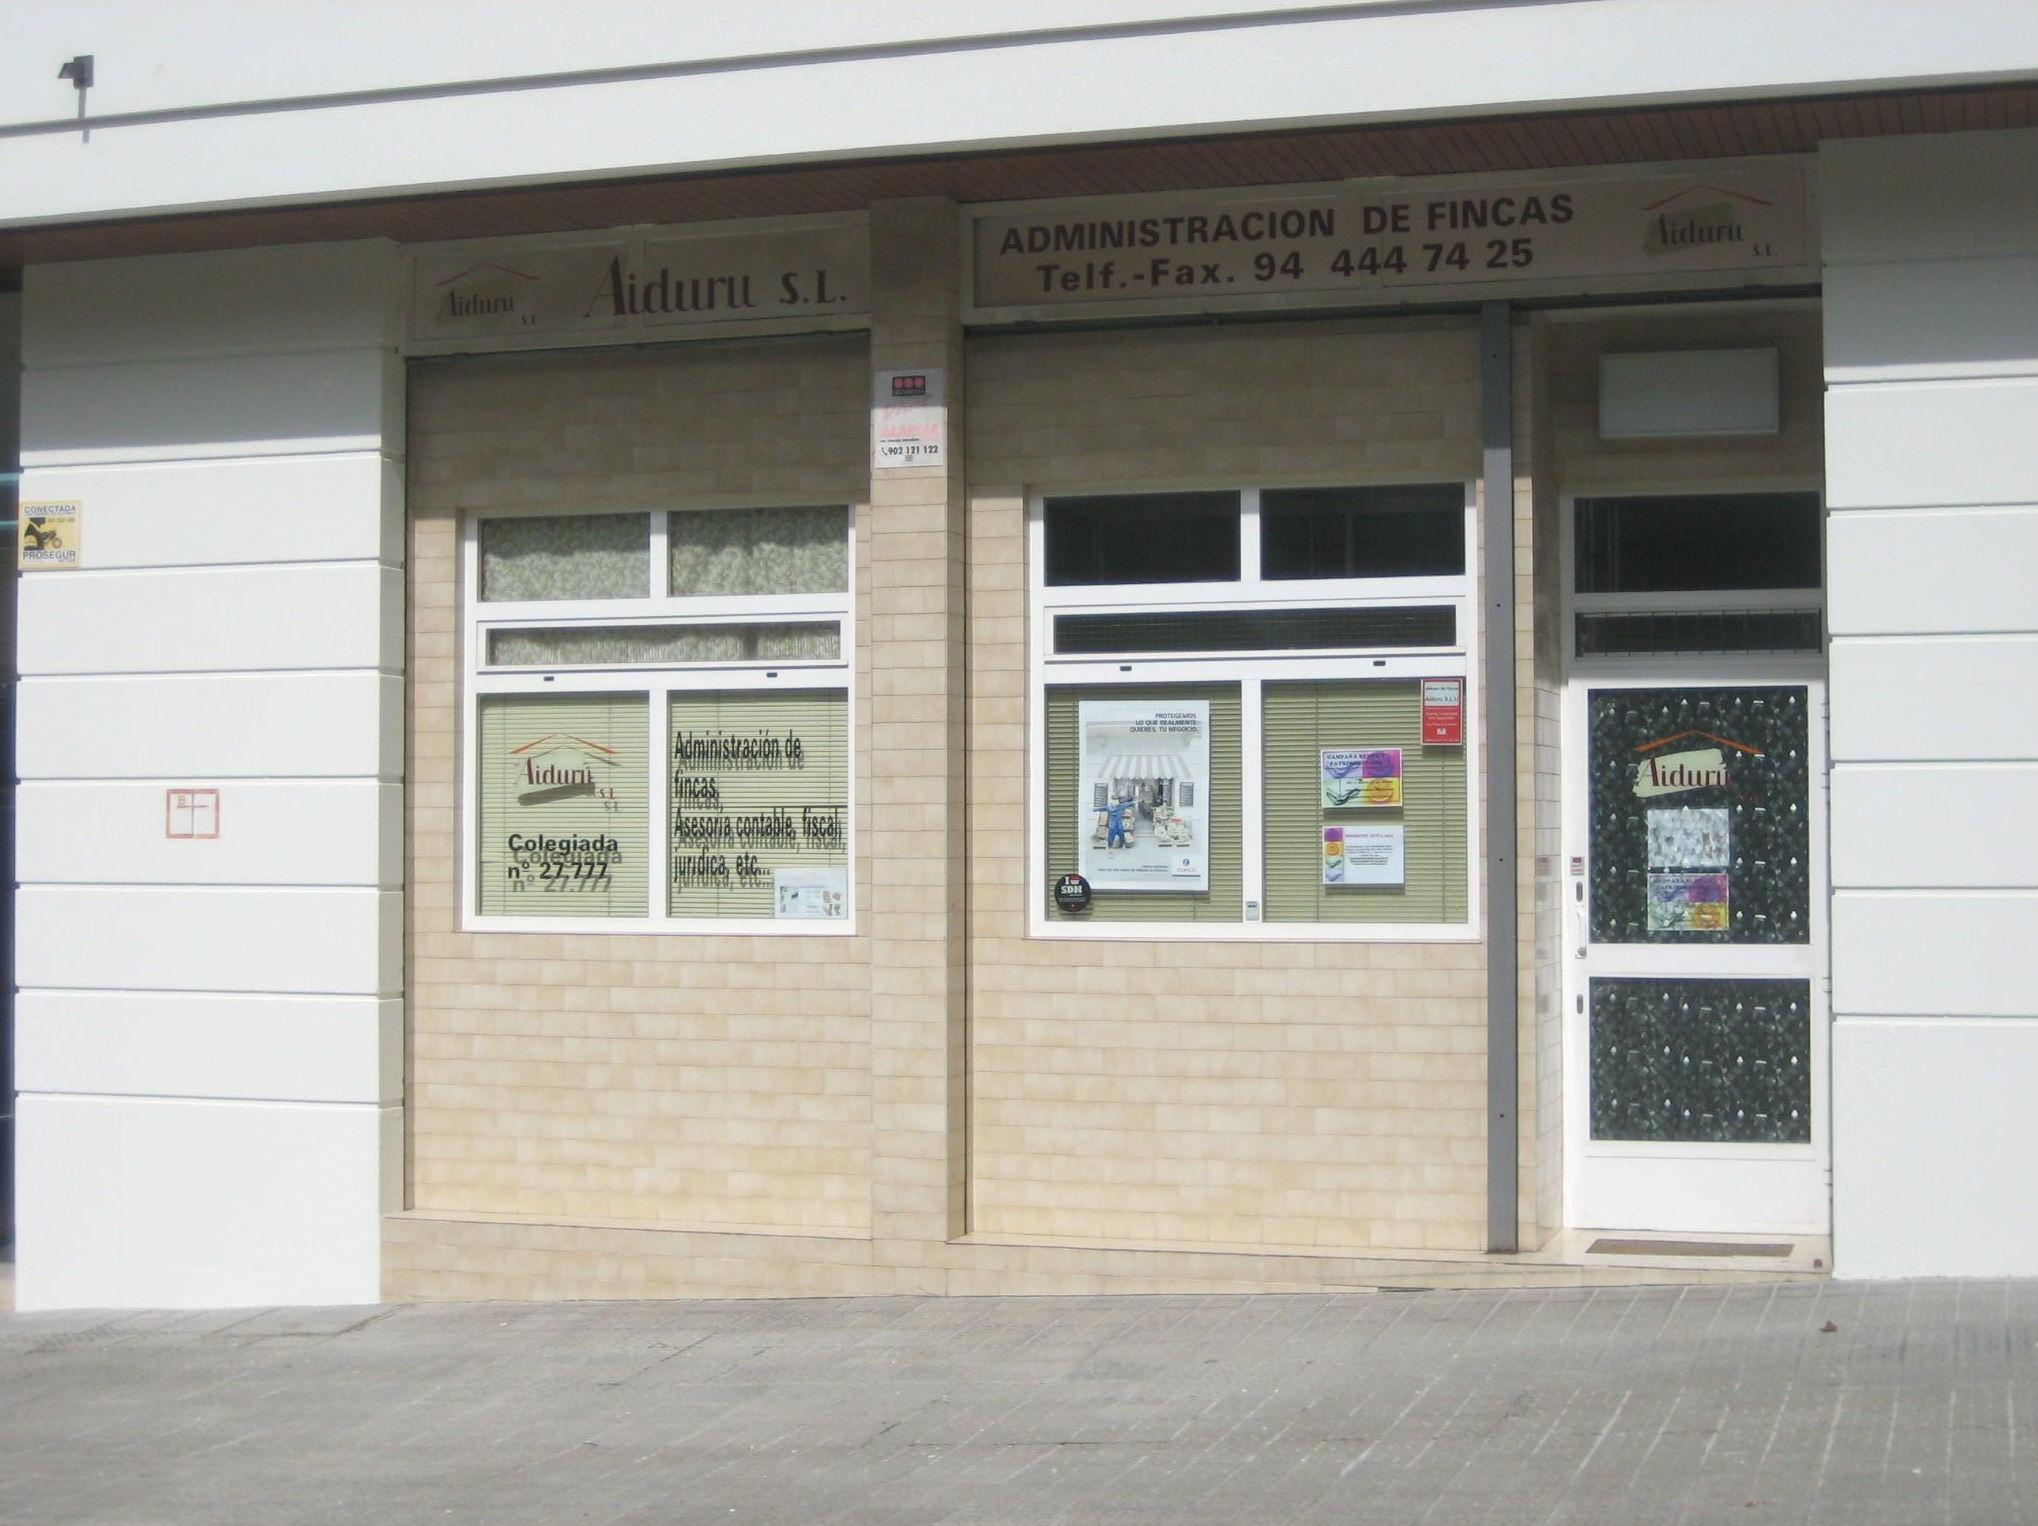 Foto 3 de Administración de fincas en Bilbao | Aiduru